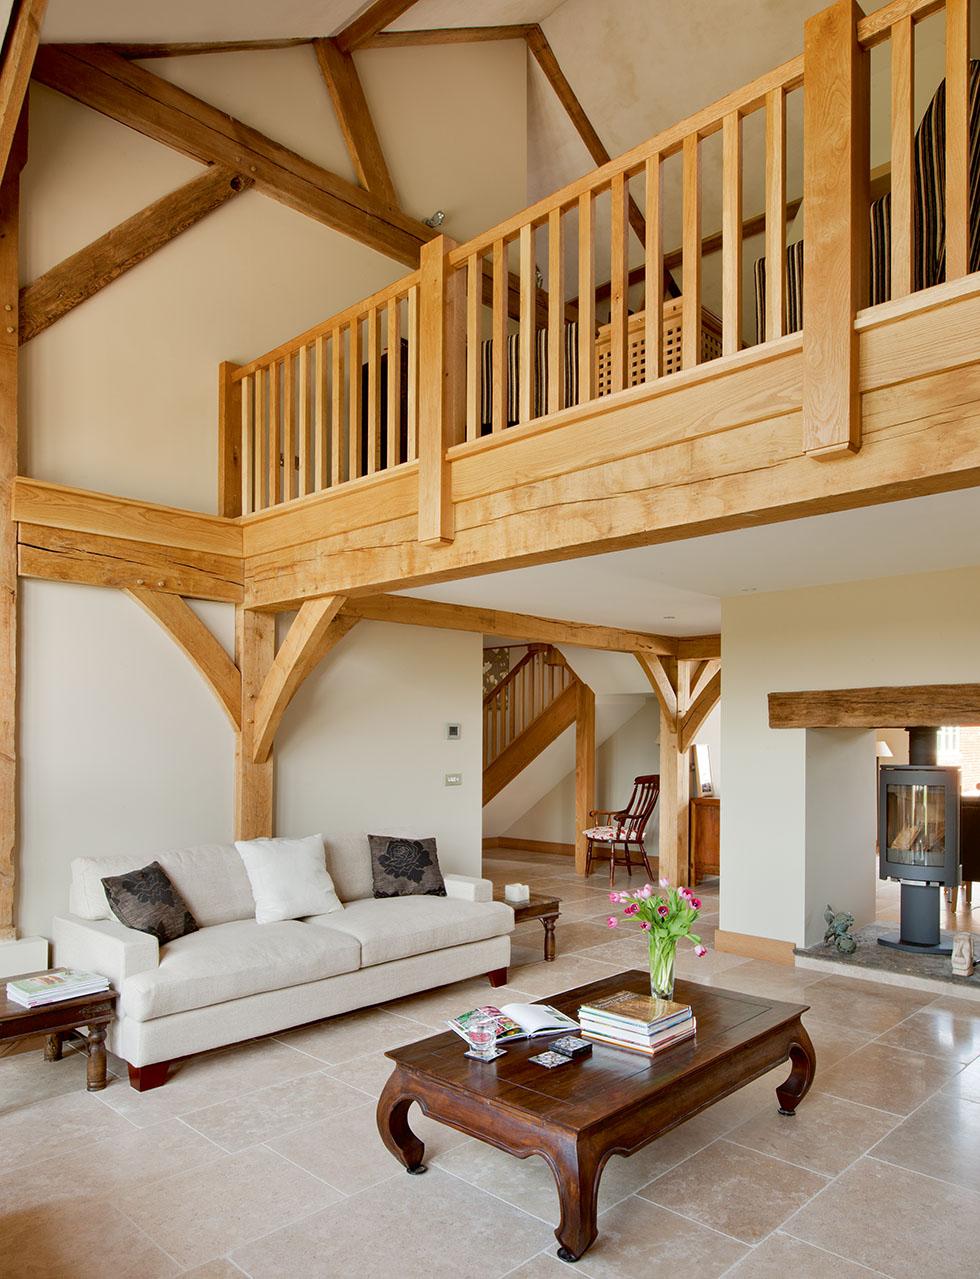 parsons-house-mezzanine-floor